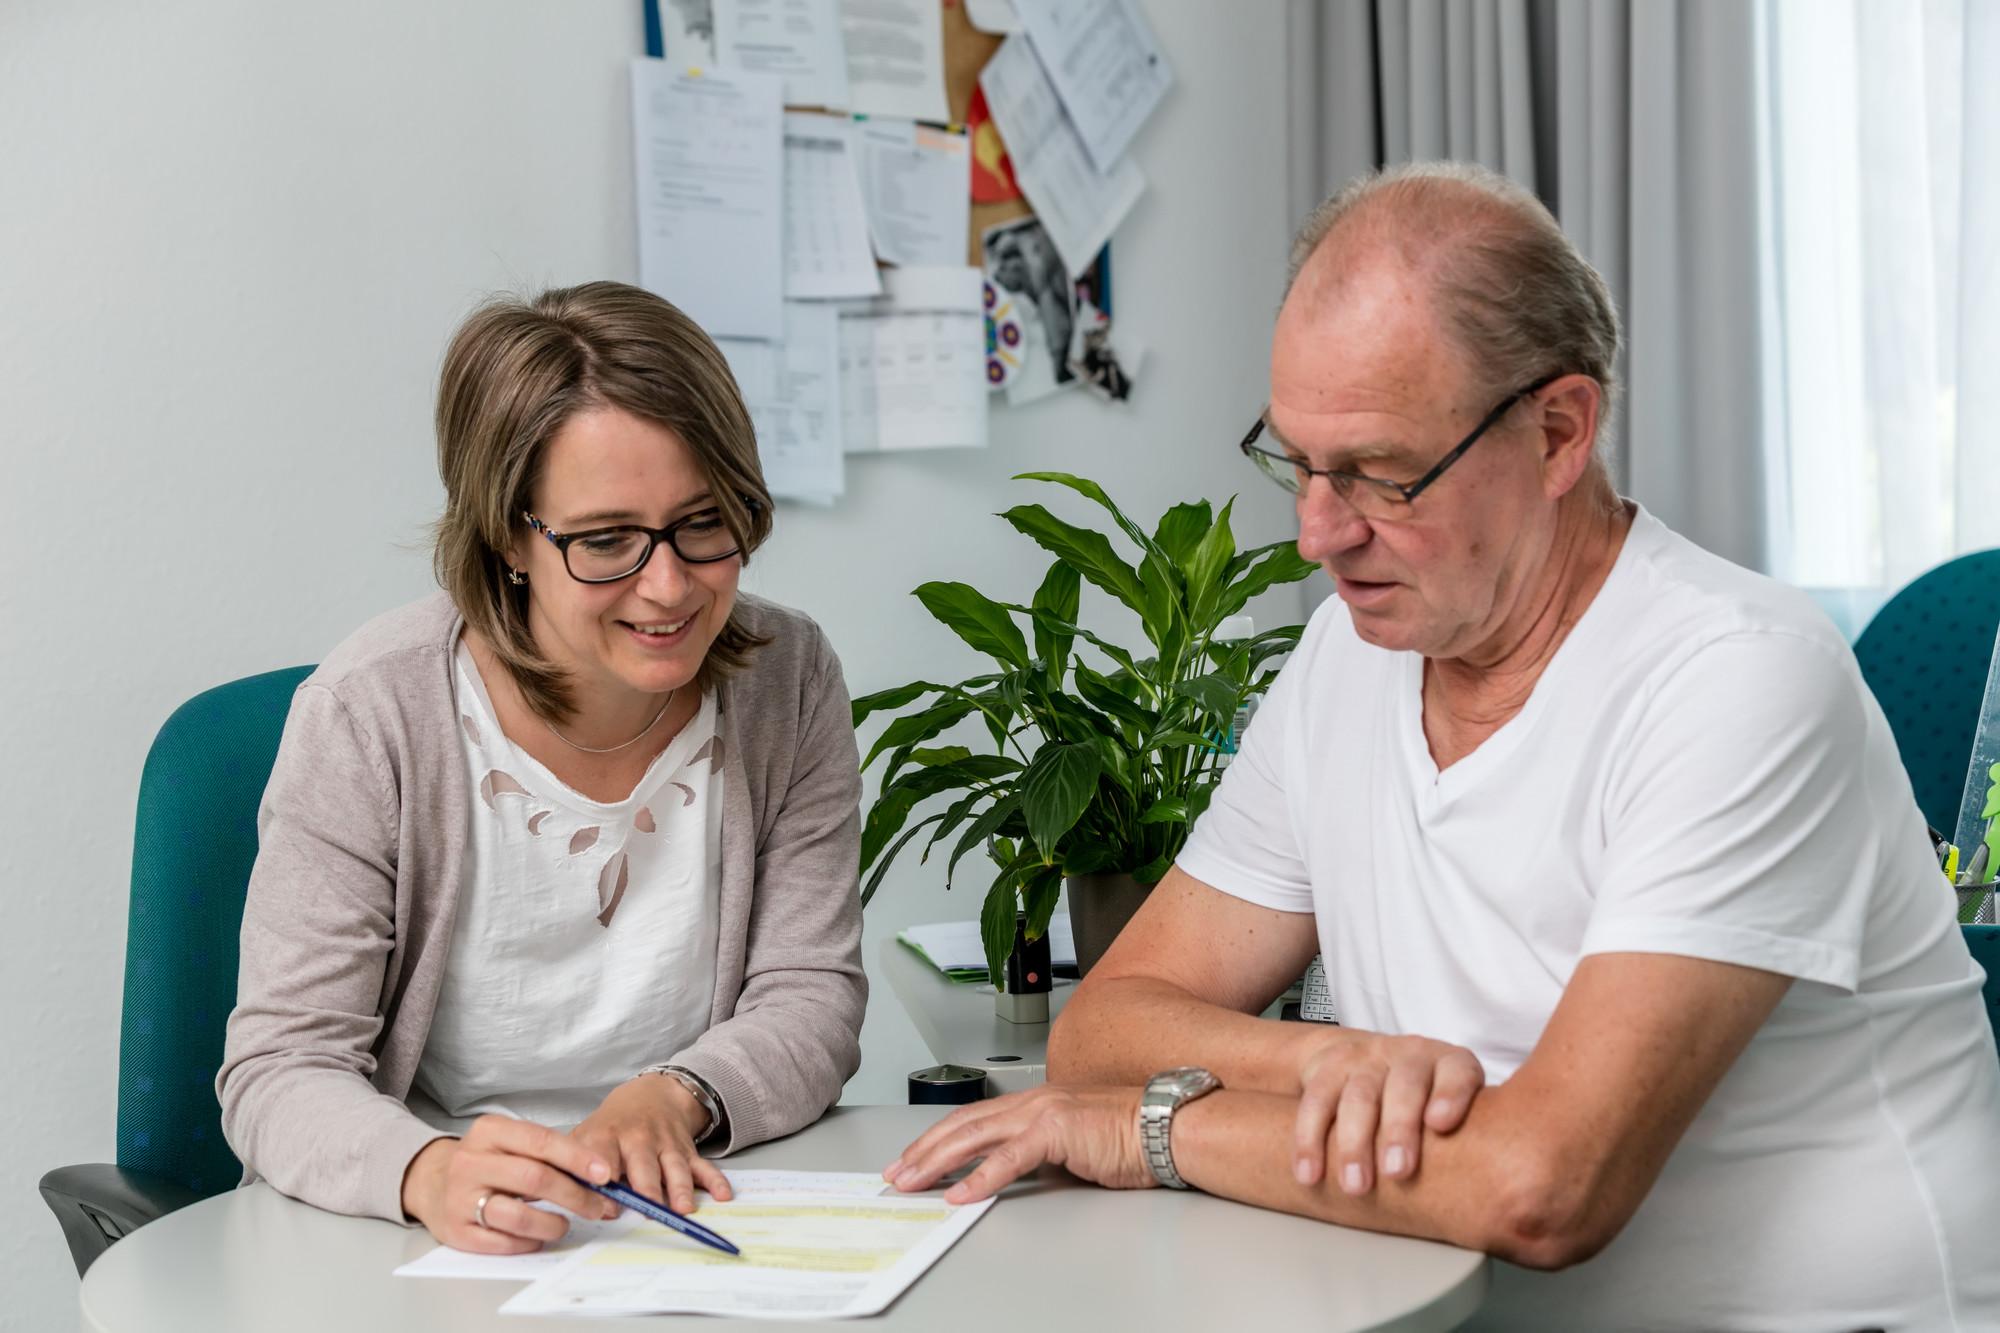 Rehaklinik Bad Essen : rehabilitationsklinik bad salzelmen im dialog mit ~ Watch28wear.com Haus und Dekorationen